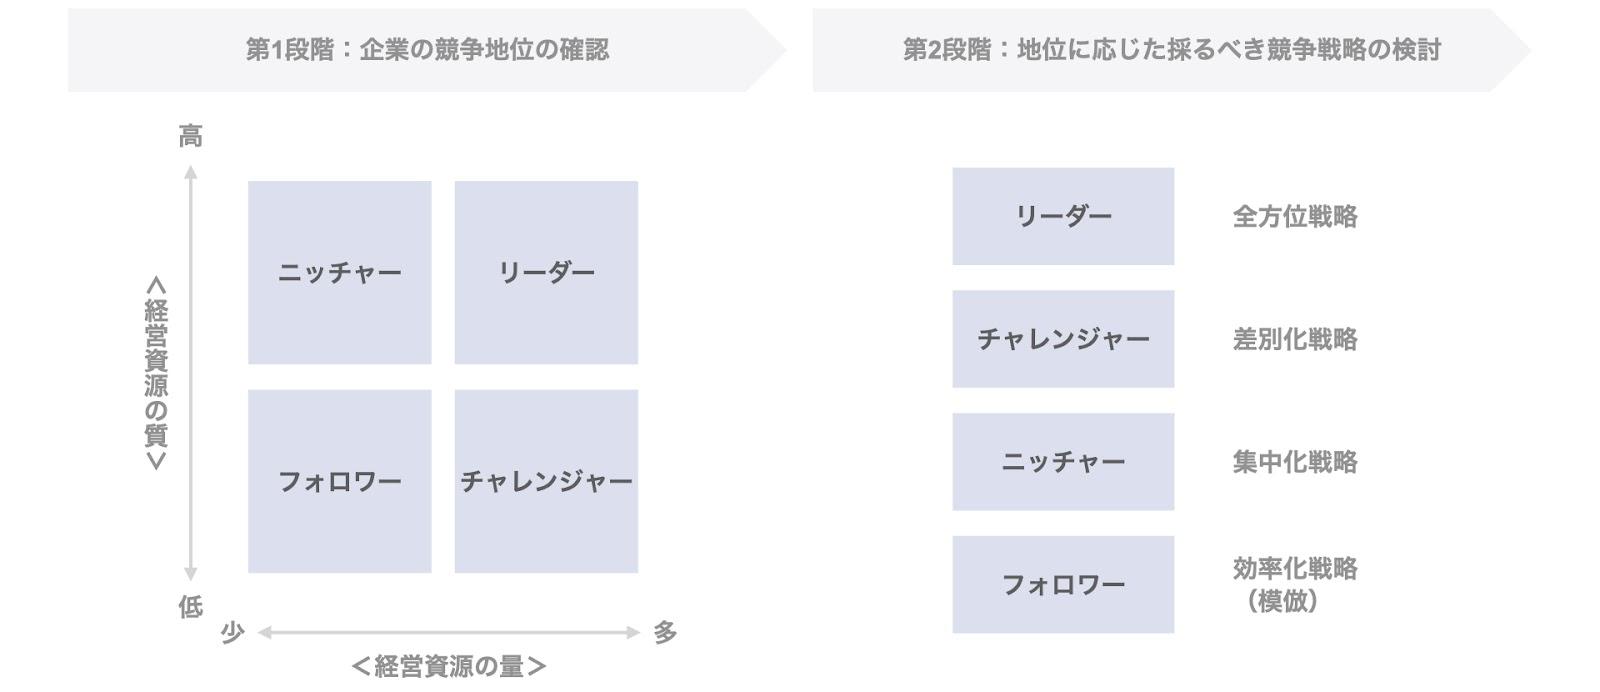 ポーターの3つの基本戦略とことらーの競争地位別戦略の関係